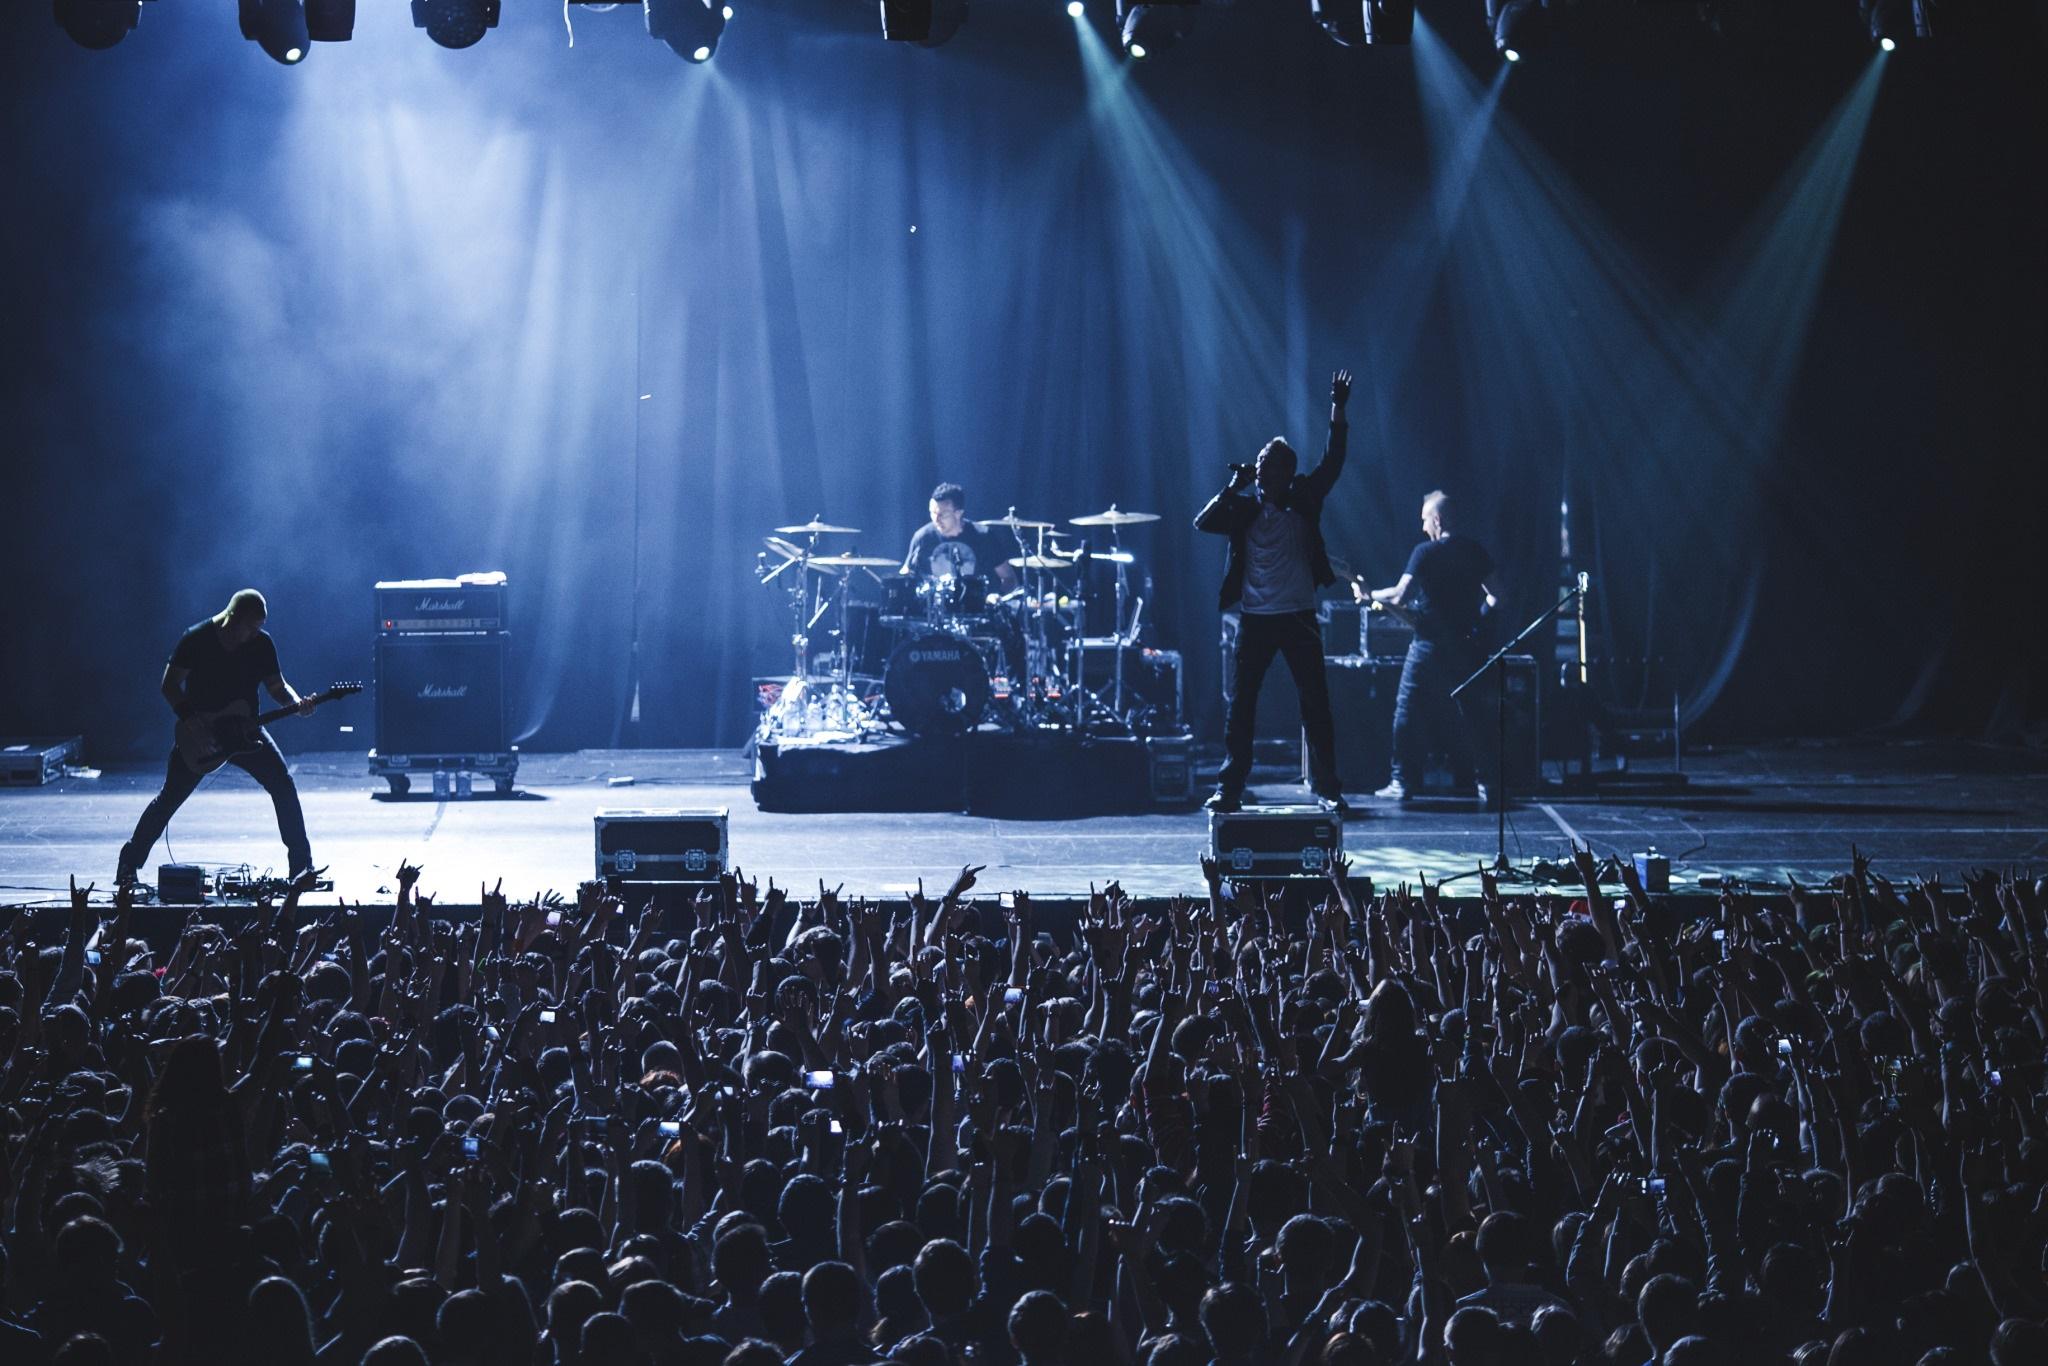 Thousand Foot Krutch Announces New Album, OXYGEN:INHALE, Releasing Aug. 26